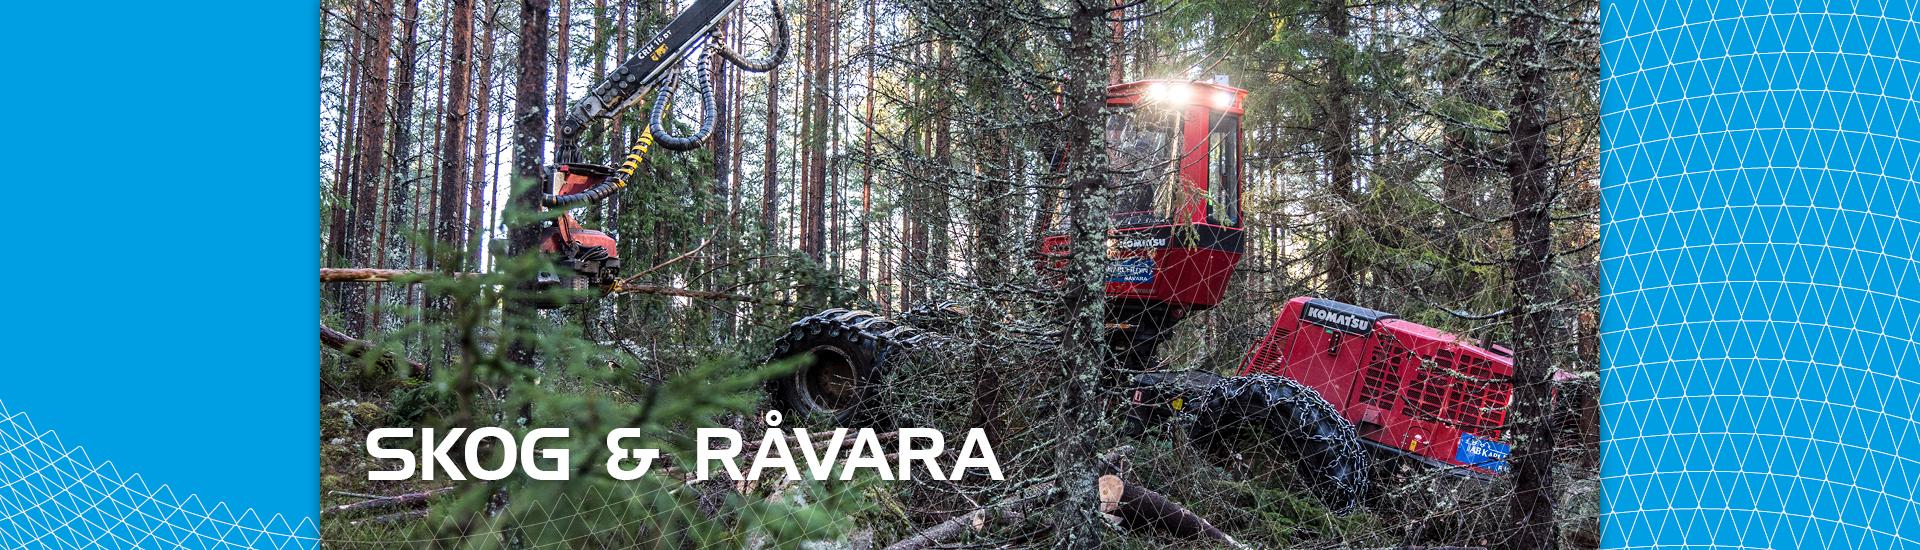 Skog/Råvara